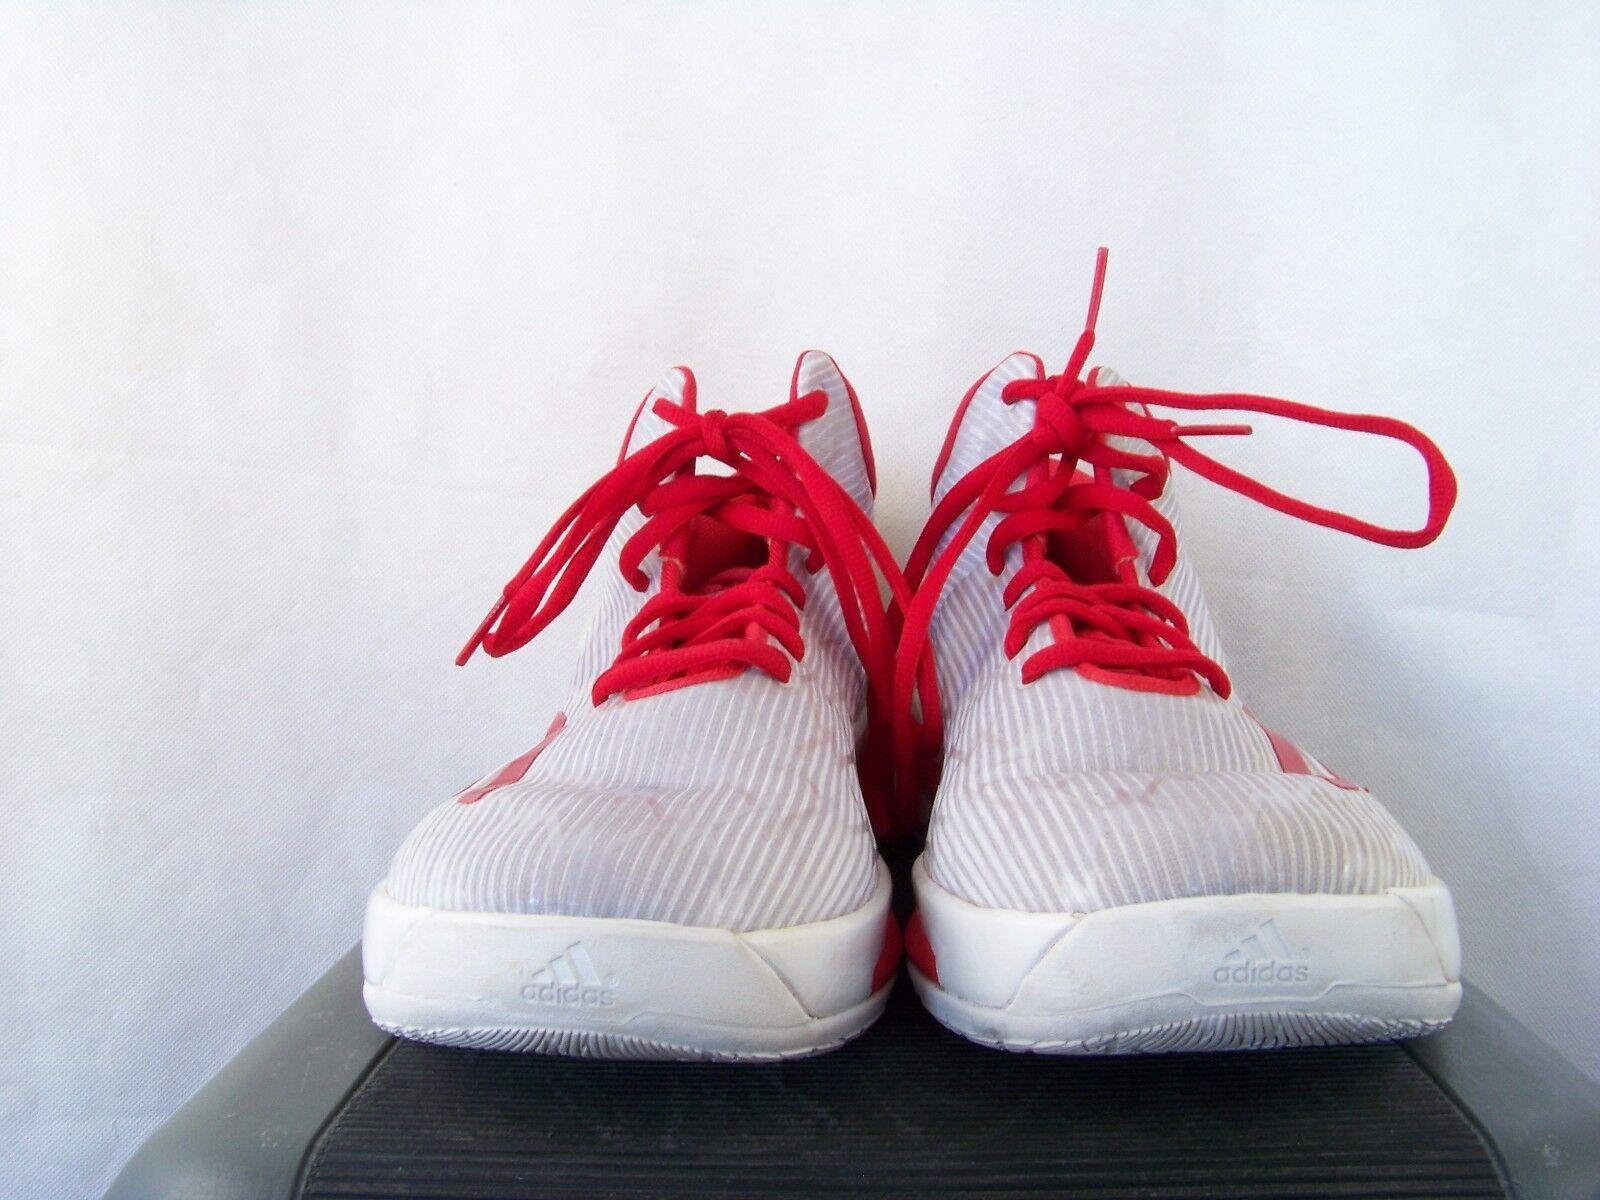 Adidas crazylight impulso 2014   bianco   rosso numero 17 | Colore Brillantezza  | Uomini/Donne Scarpa